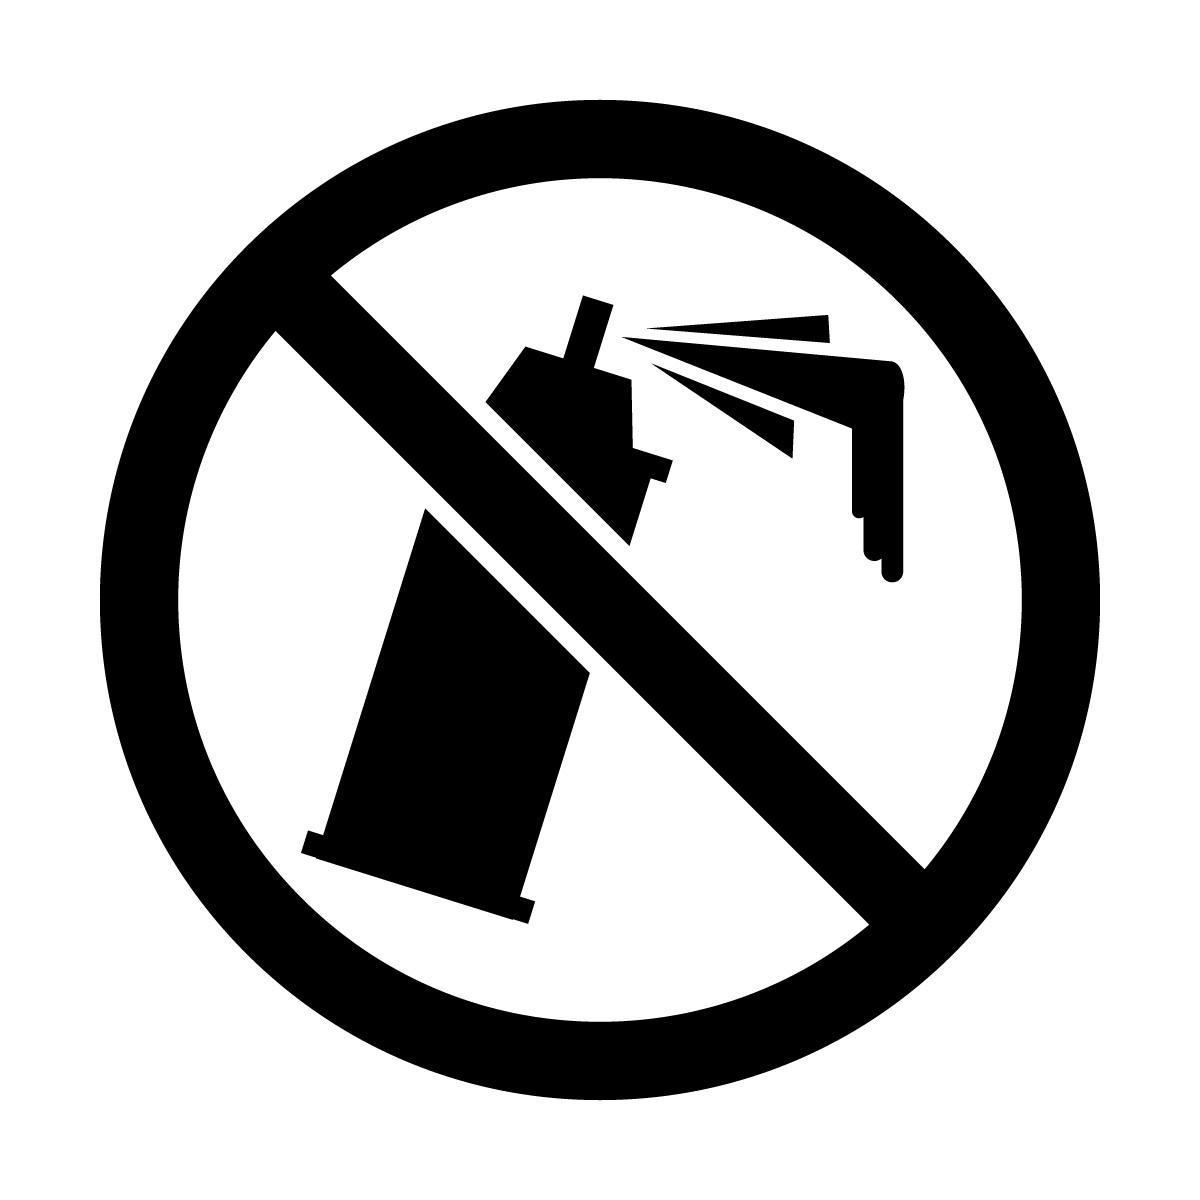 黒色の落書き・スプレー缶禁止マークのカッティングステッカー・シール 光沢タイプ・防水・耐水・屋外耐候3~4年